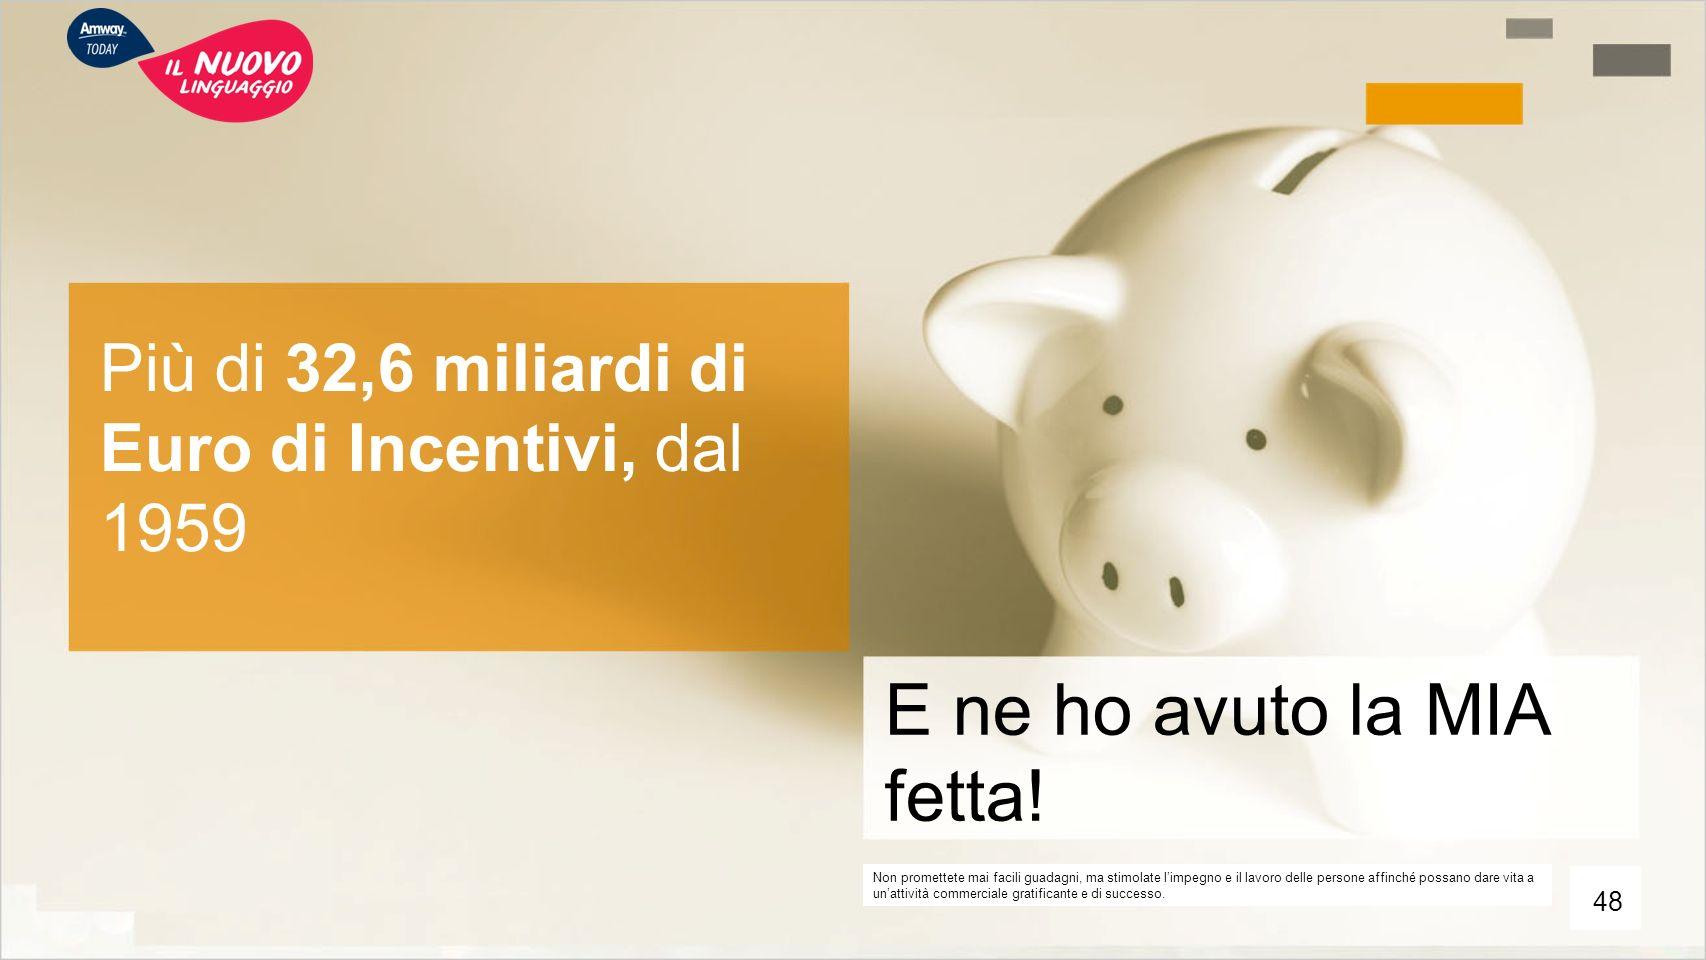 Più di 32,6 miliardi di Euro di Incentivi, dal 1959 E ne ho avuto la MIA fetta! Non promettete mai facili guadagni, ma stimolate l'impegno e il lavoro